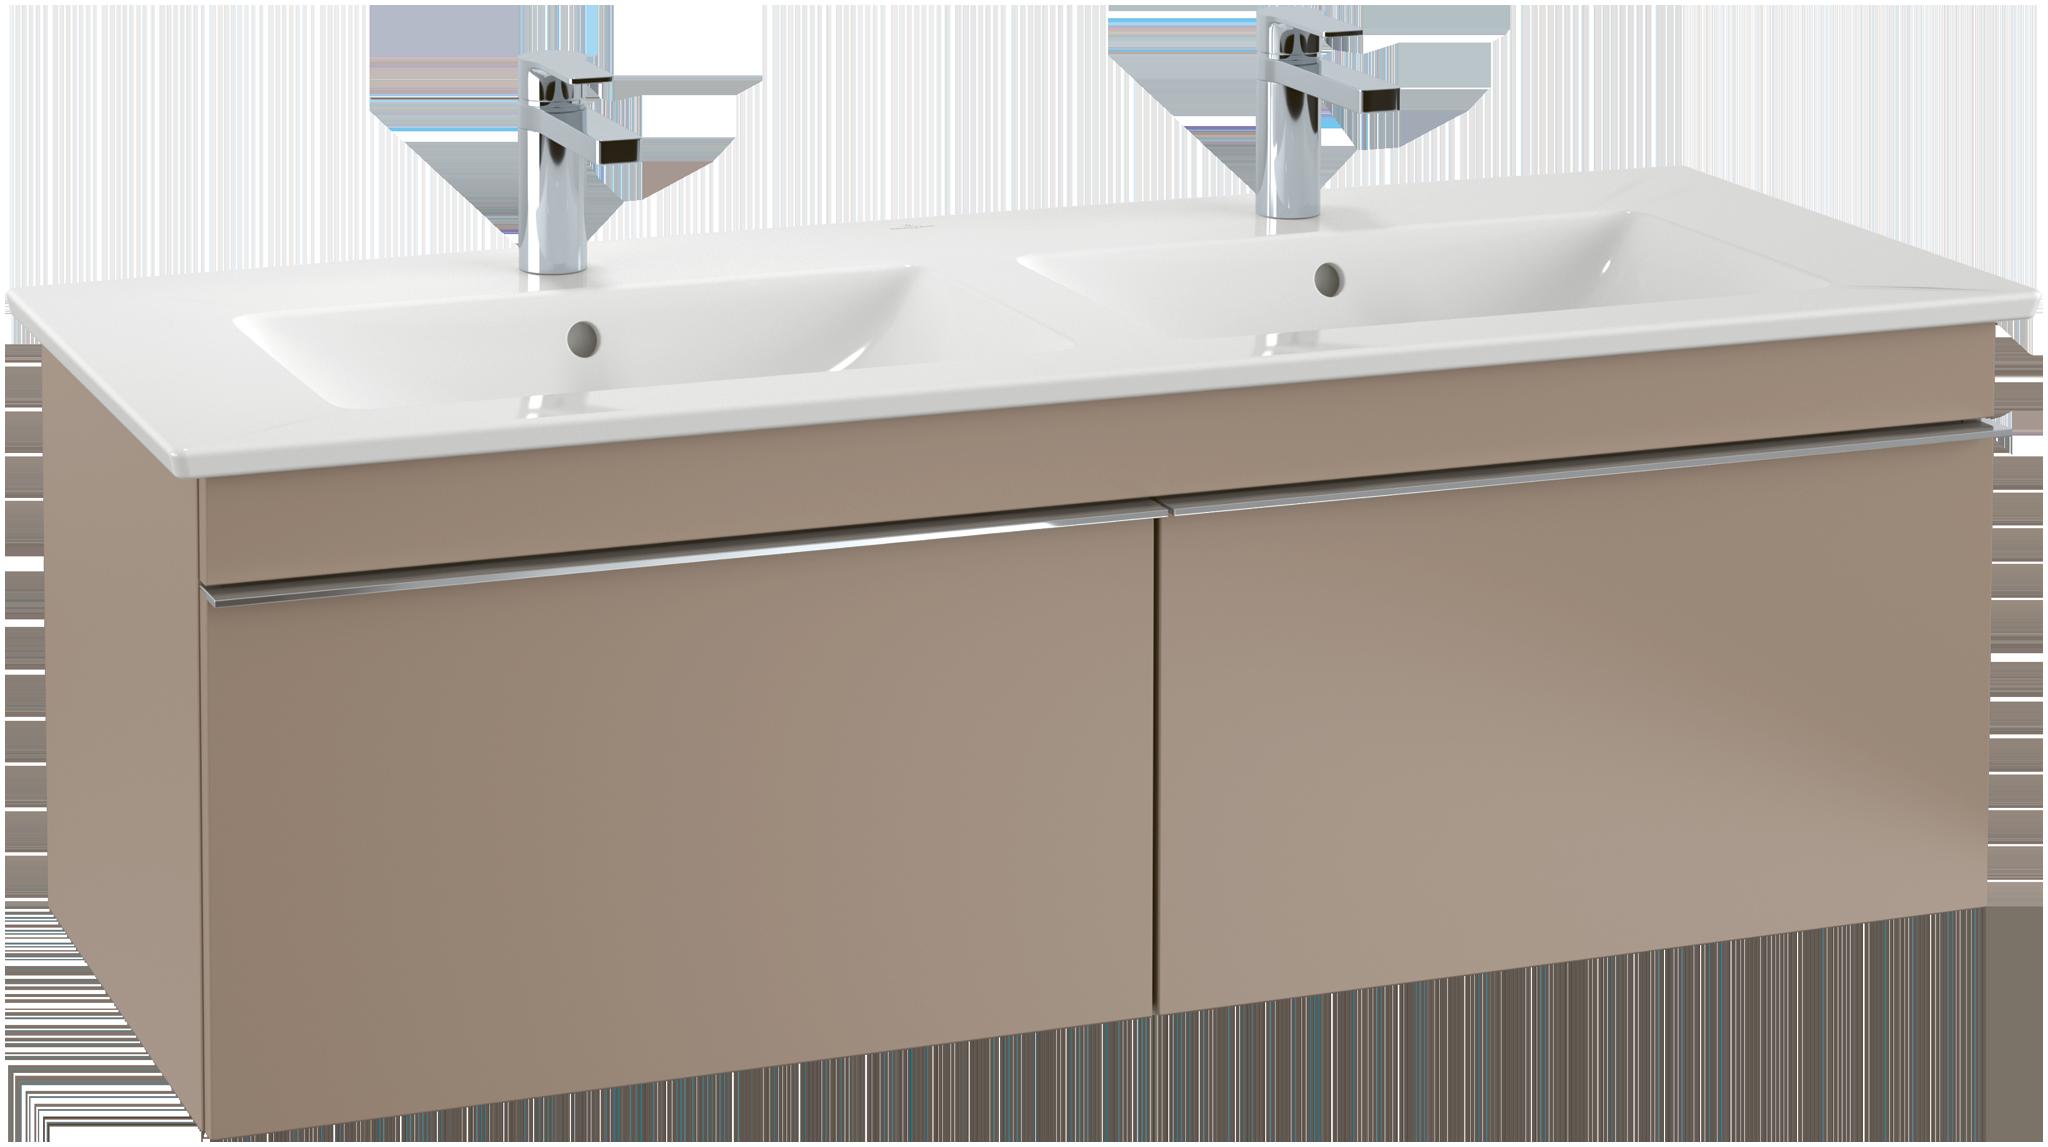 Unterschiedlich Venticello Vanity unit A93905 - Villeroy & Boch QW44